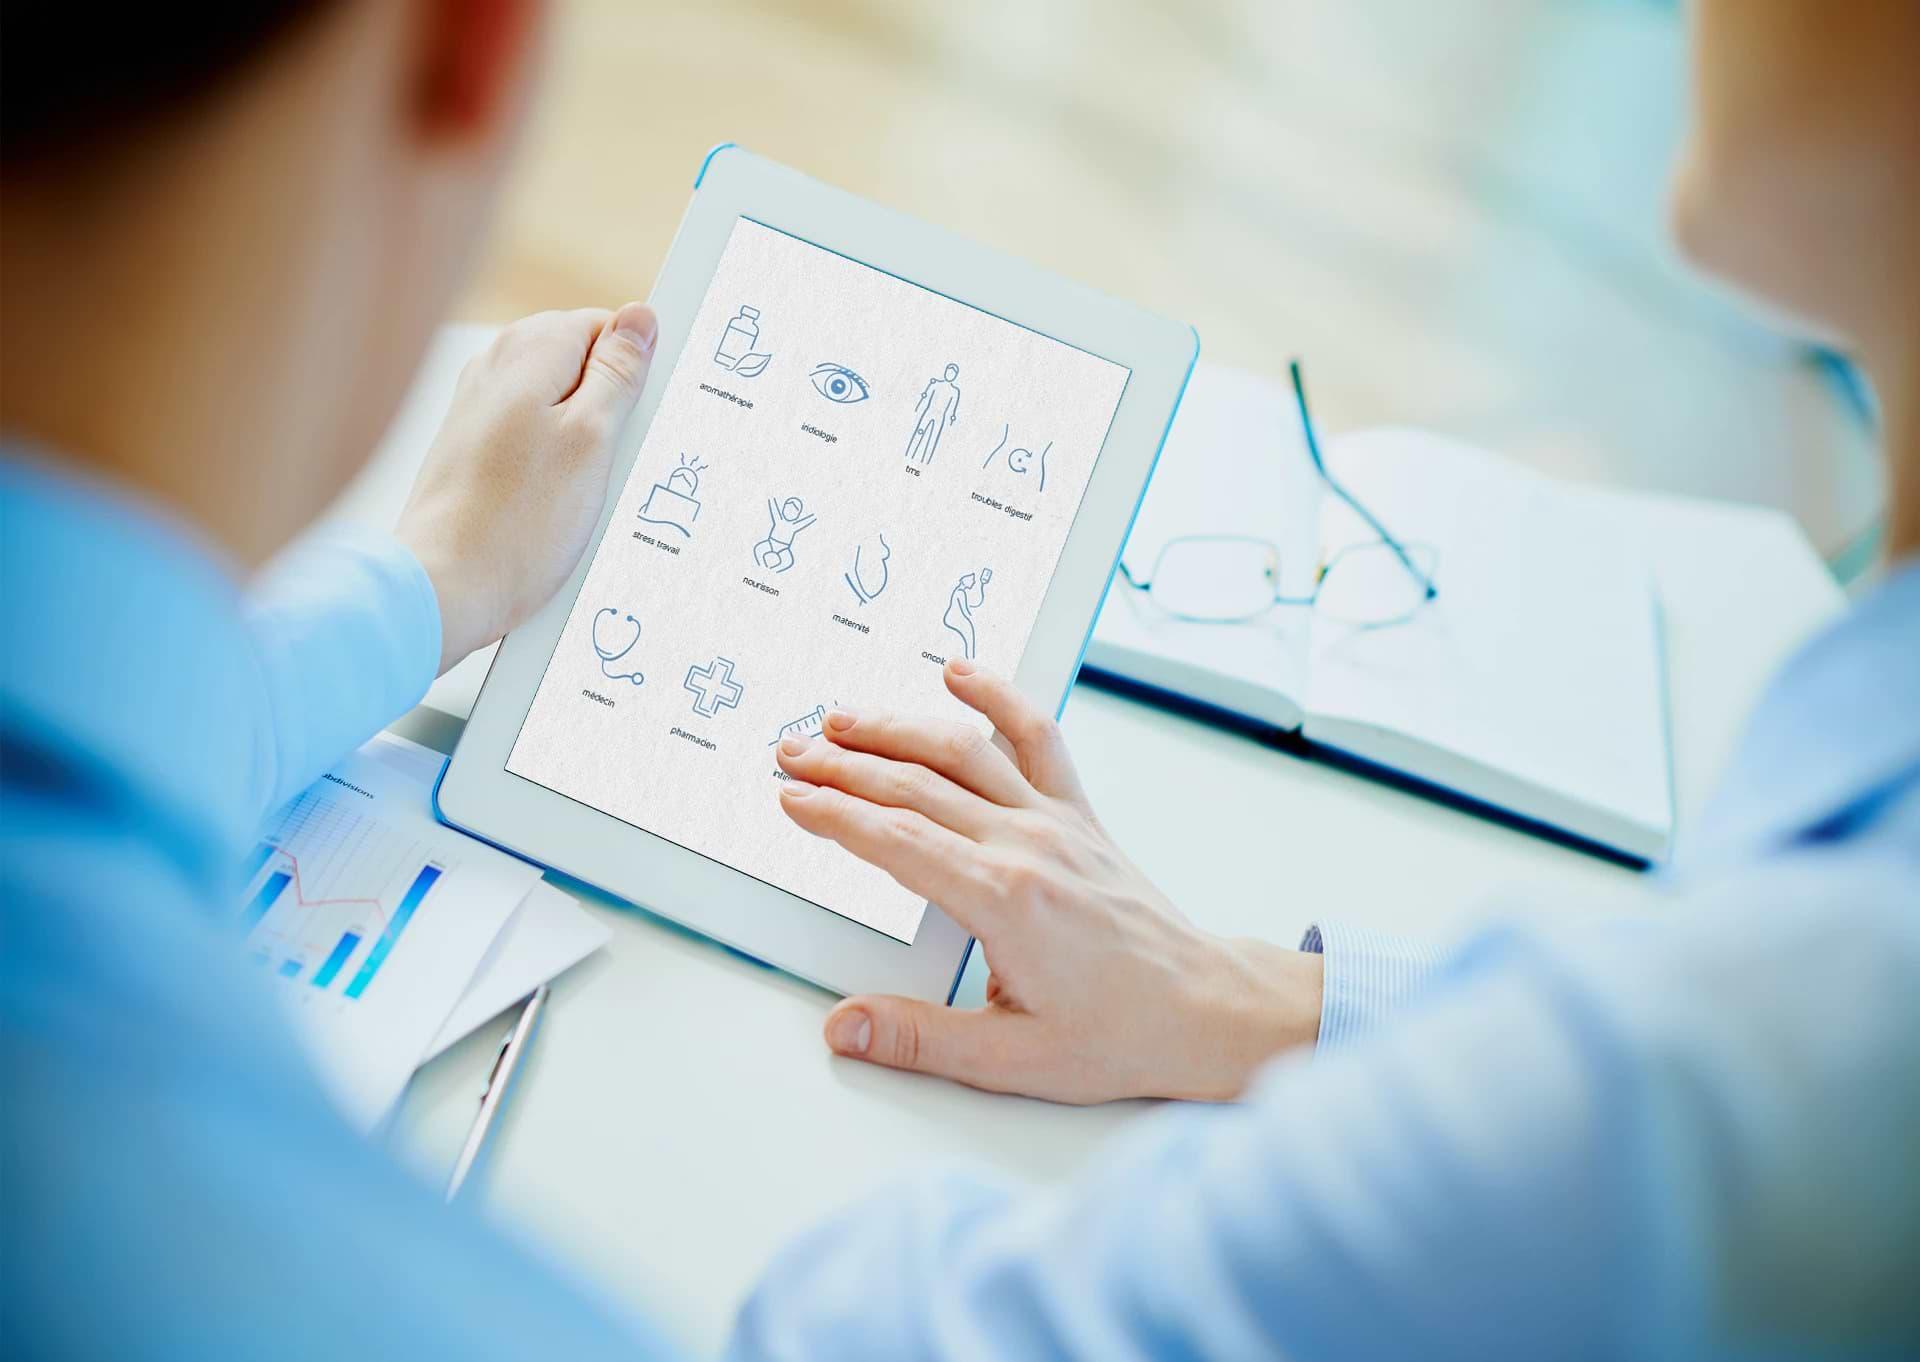 Graphisme application médicale & icônes santé, médecine, pharmacie, dentiste, opticien